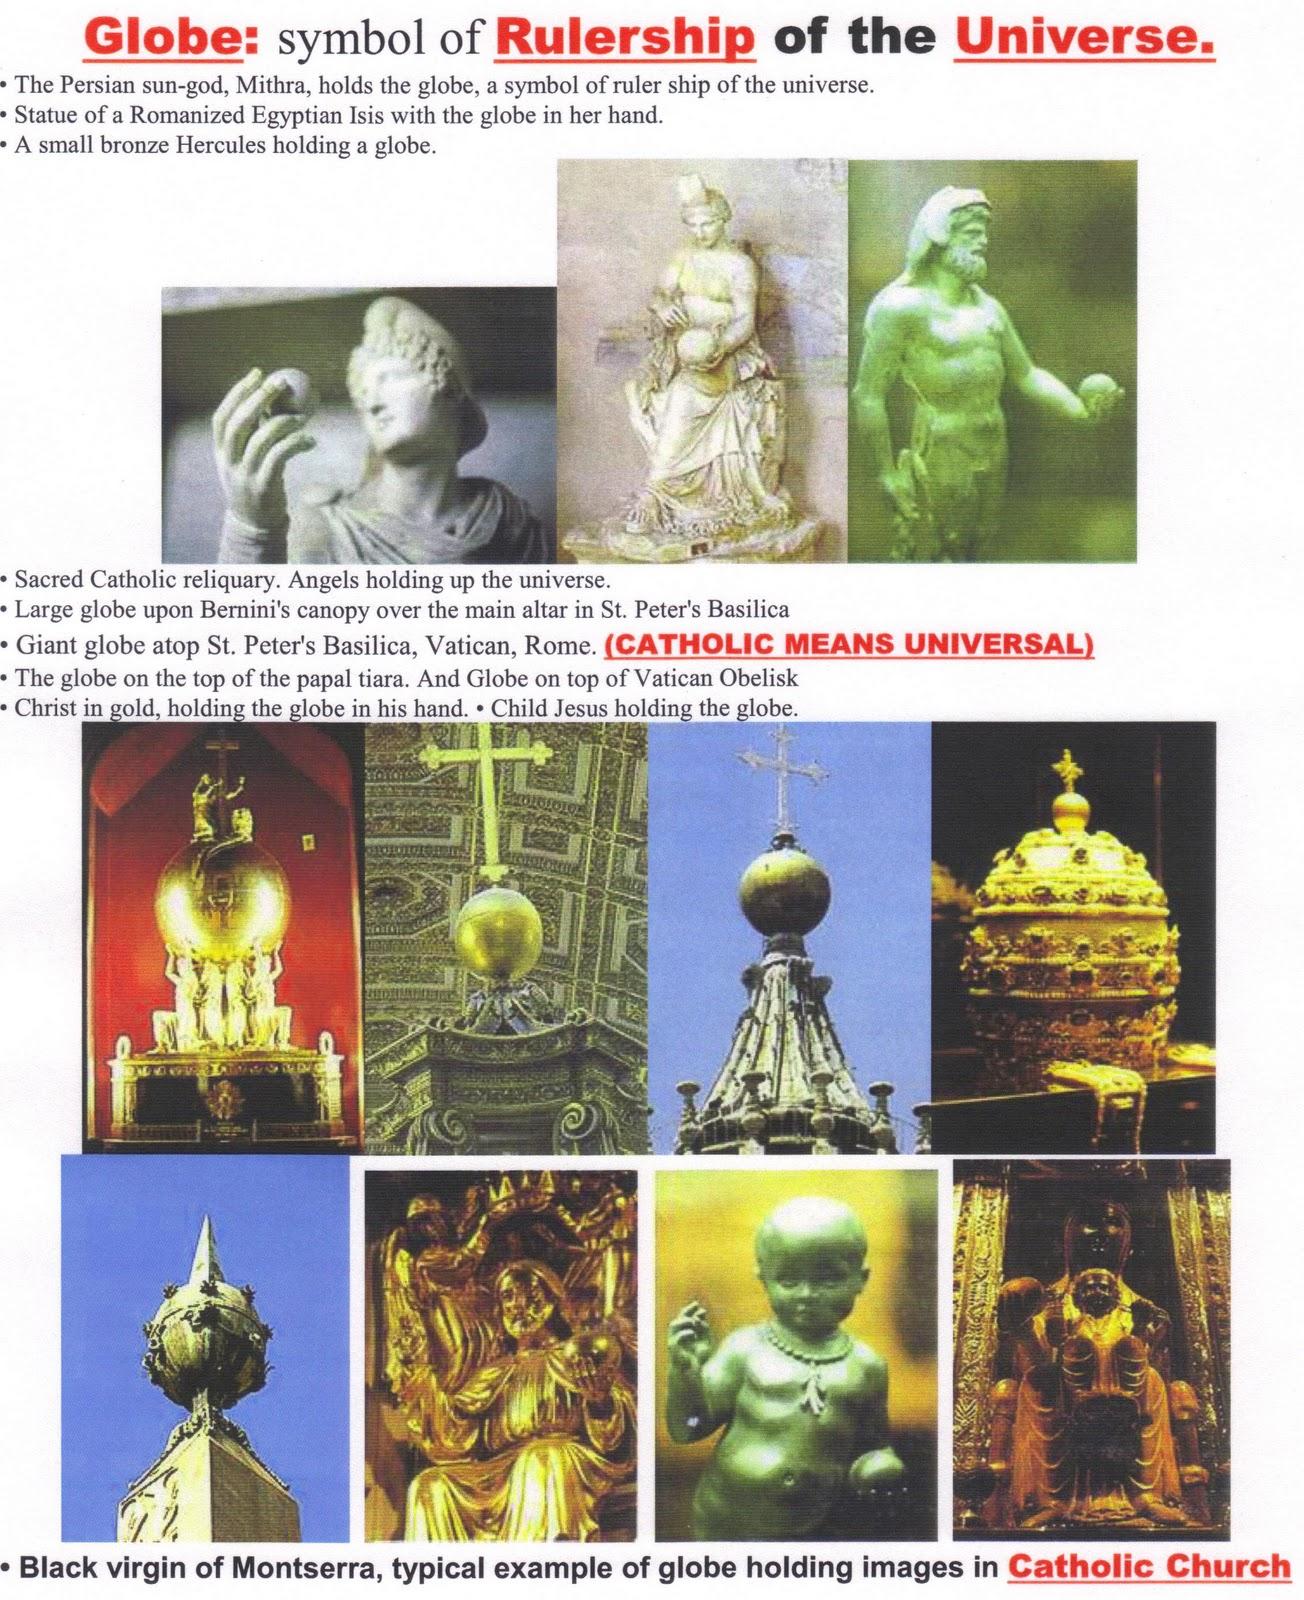 http://4.bp.blogspot.com/-5ErBR6Z3faY/TrmkfVCb88I/AAAAAAAABYo/d7WXTj49F8A/s1600/globe+catholic+universal+001.jpg